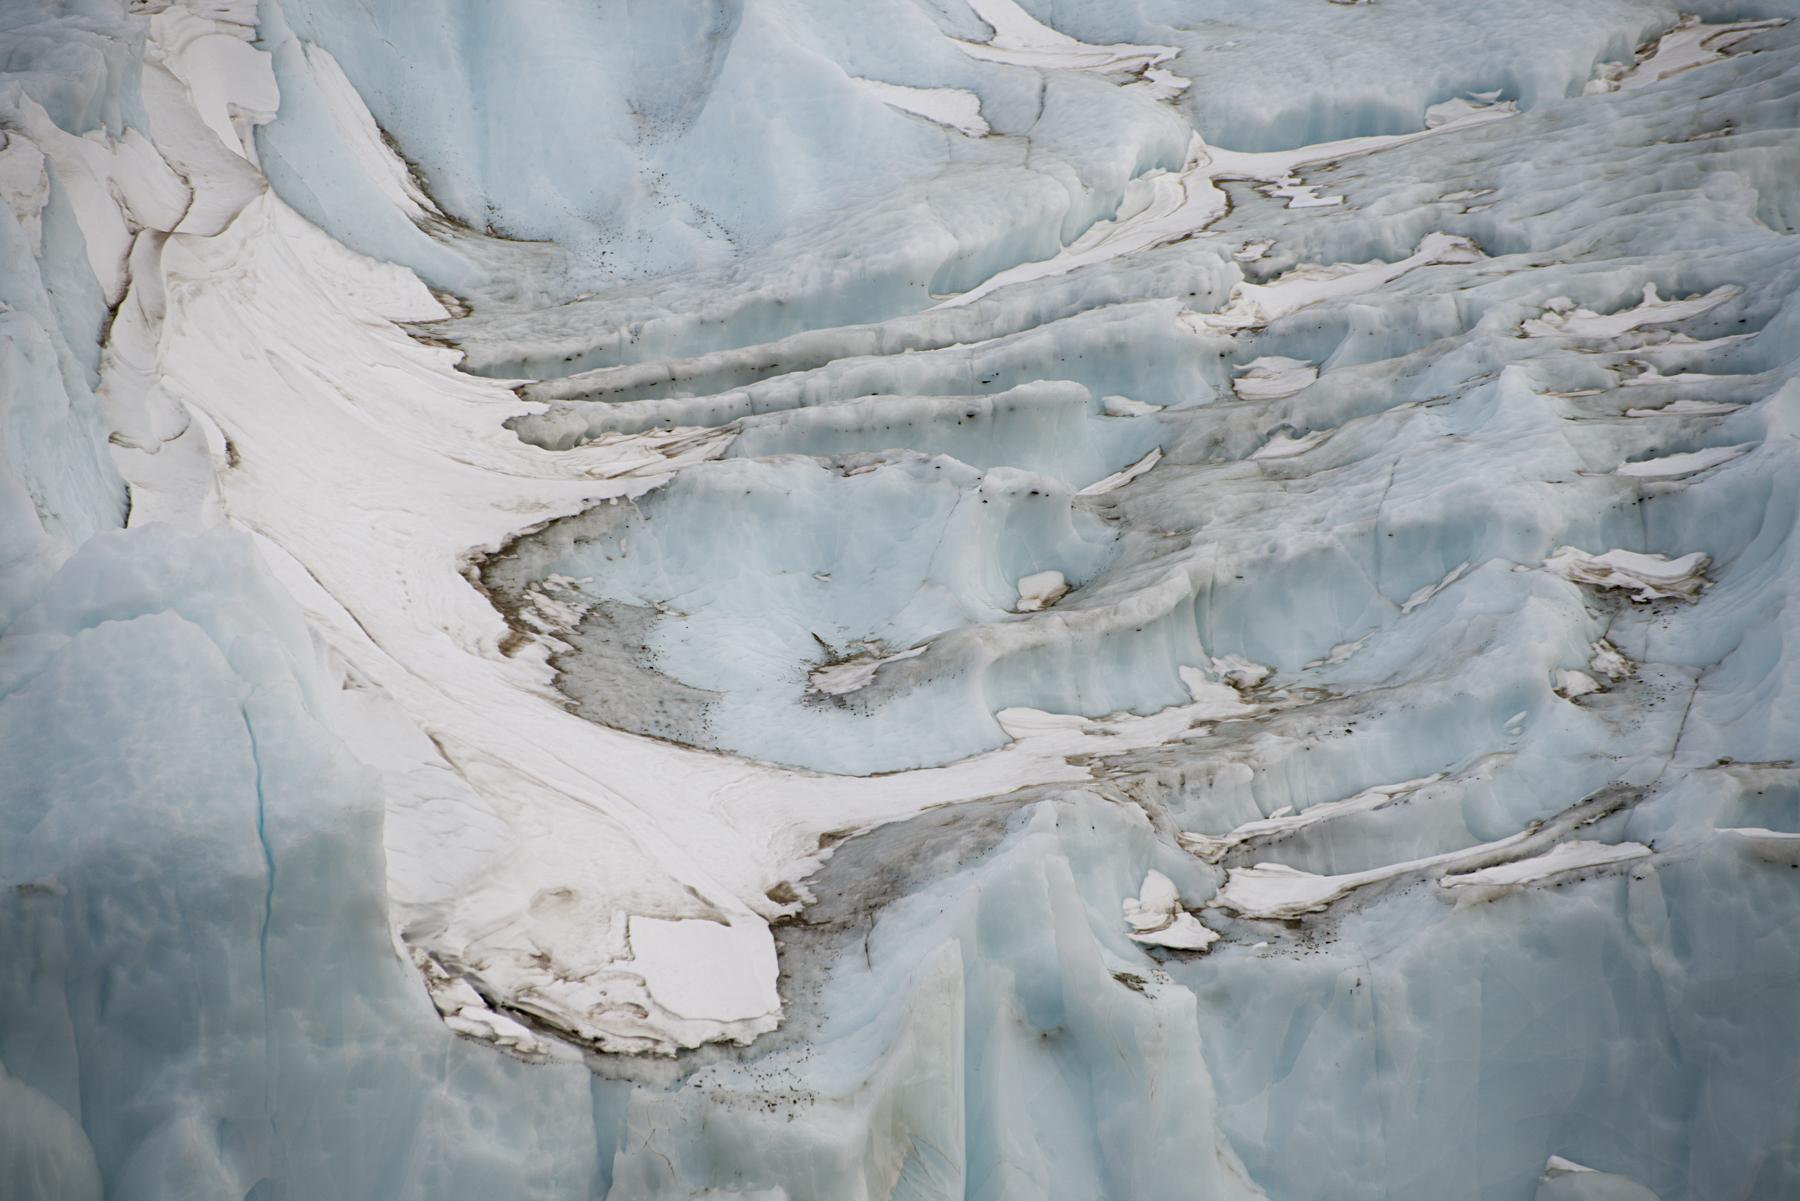 Canada Glacier, Lake Hoare